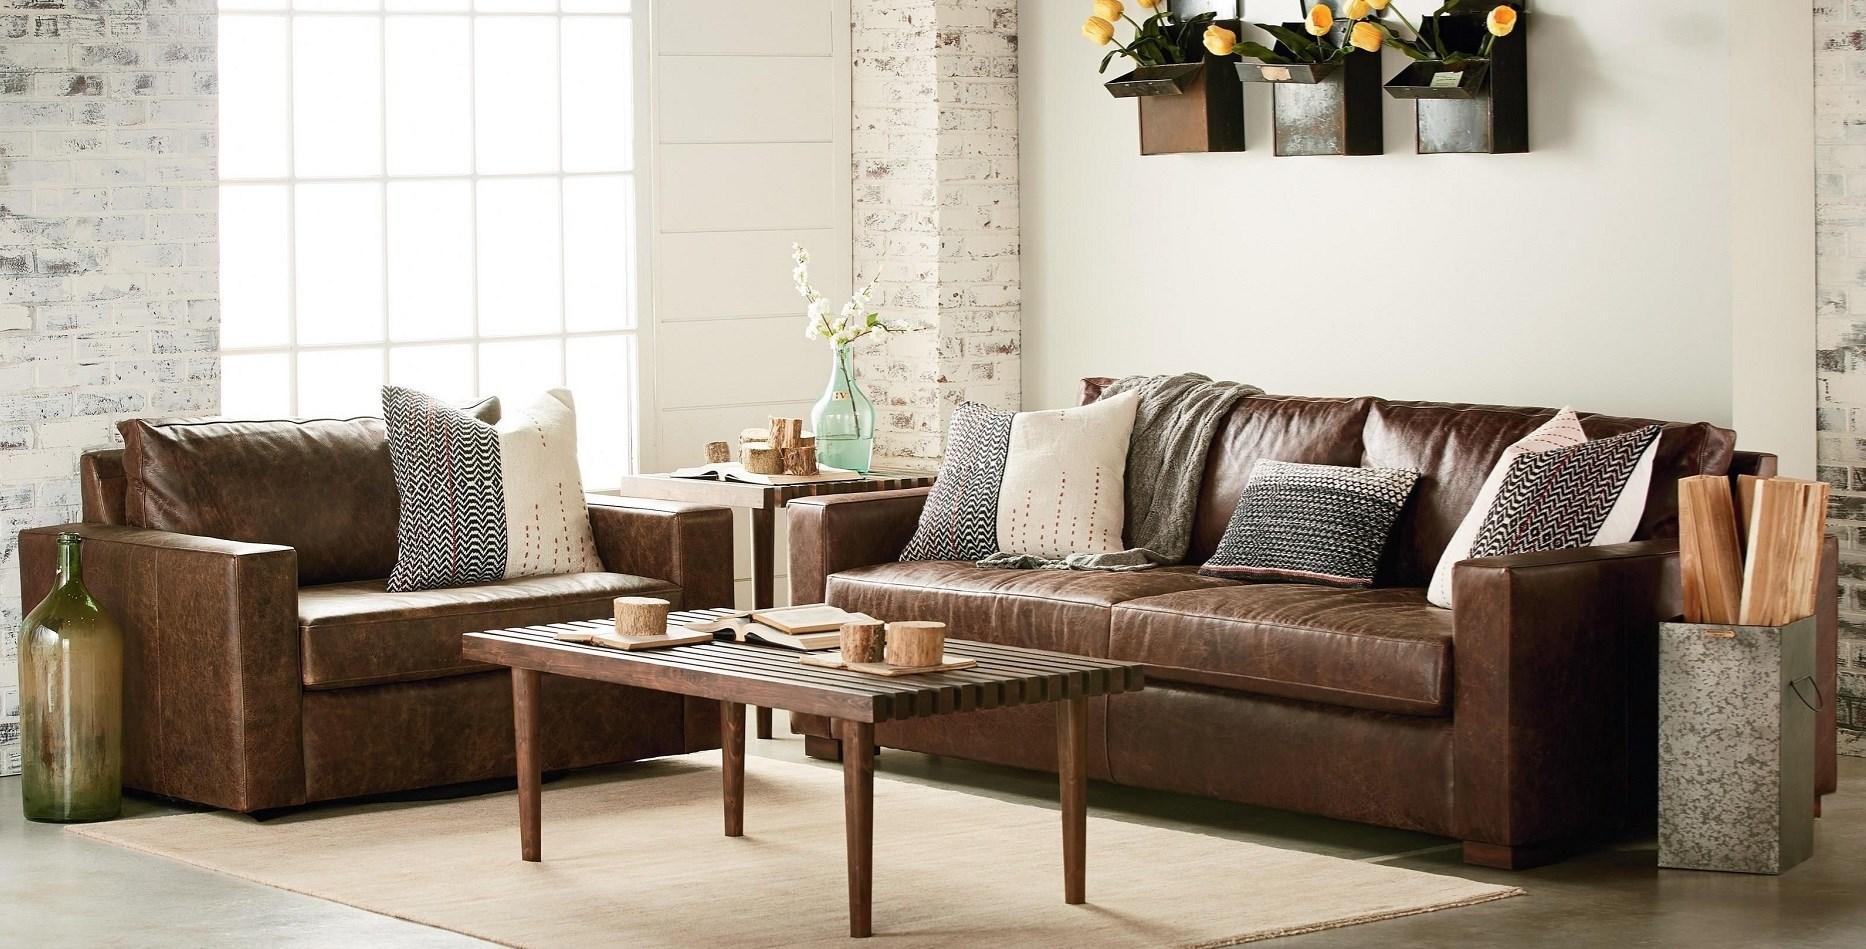 j j furniture mobile daphne tillmans corner alabama mh sofa